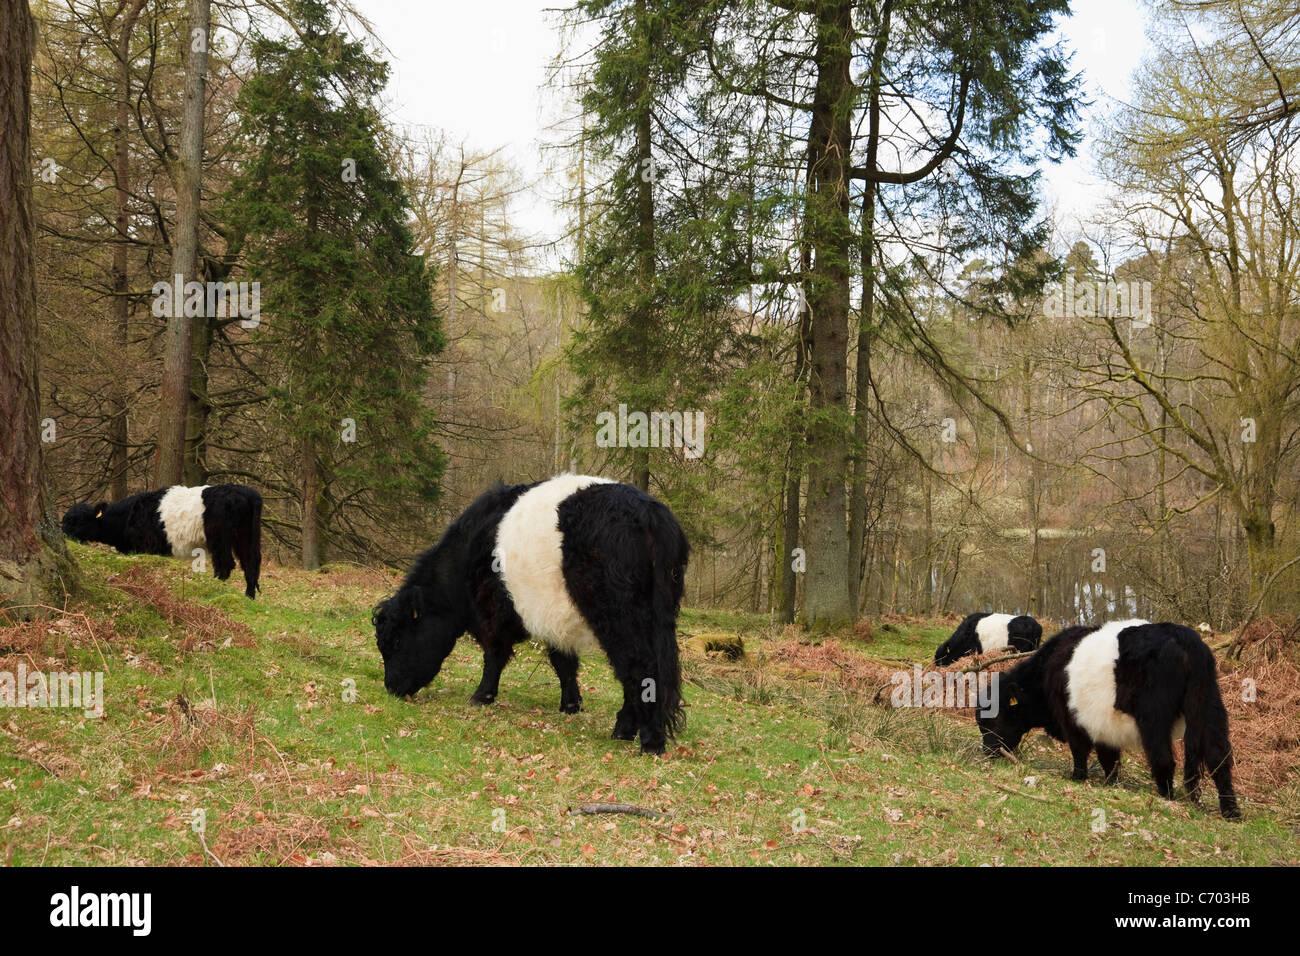 Ceinture le pâturage du bétail pour la conservation durable de bois de conifères à proximité Photo Stock